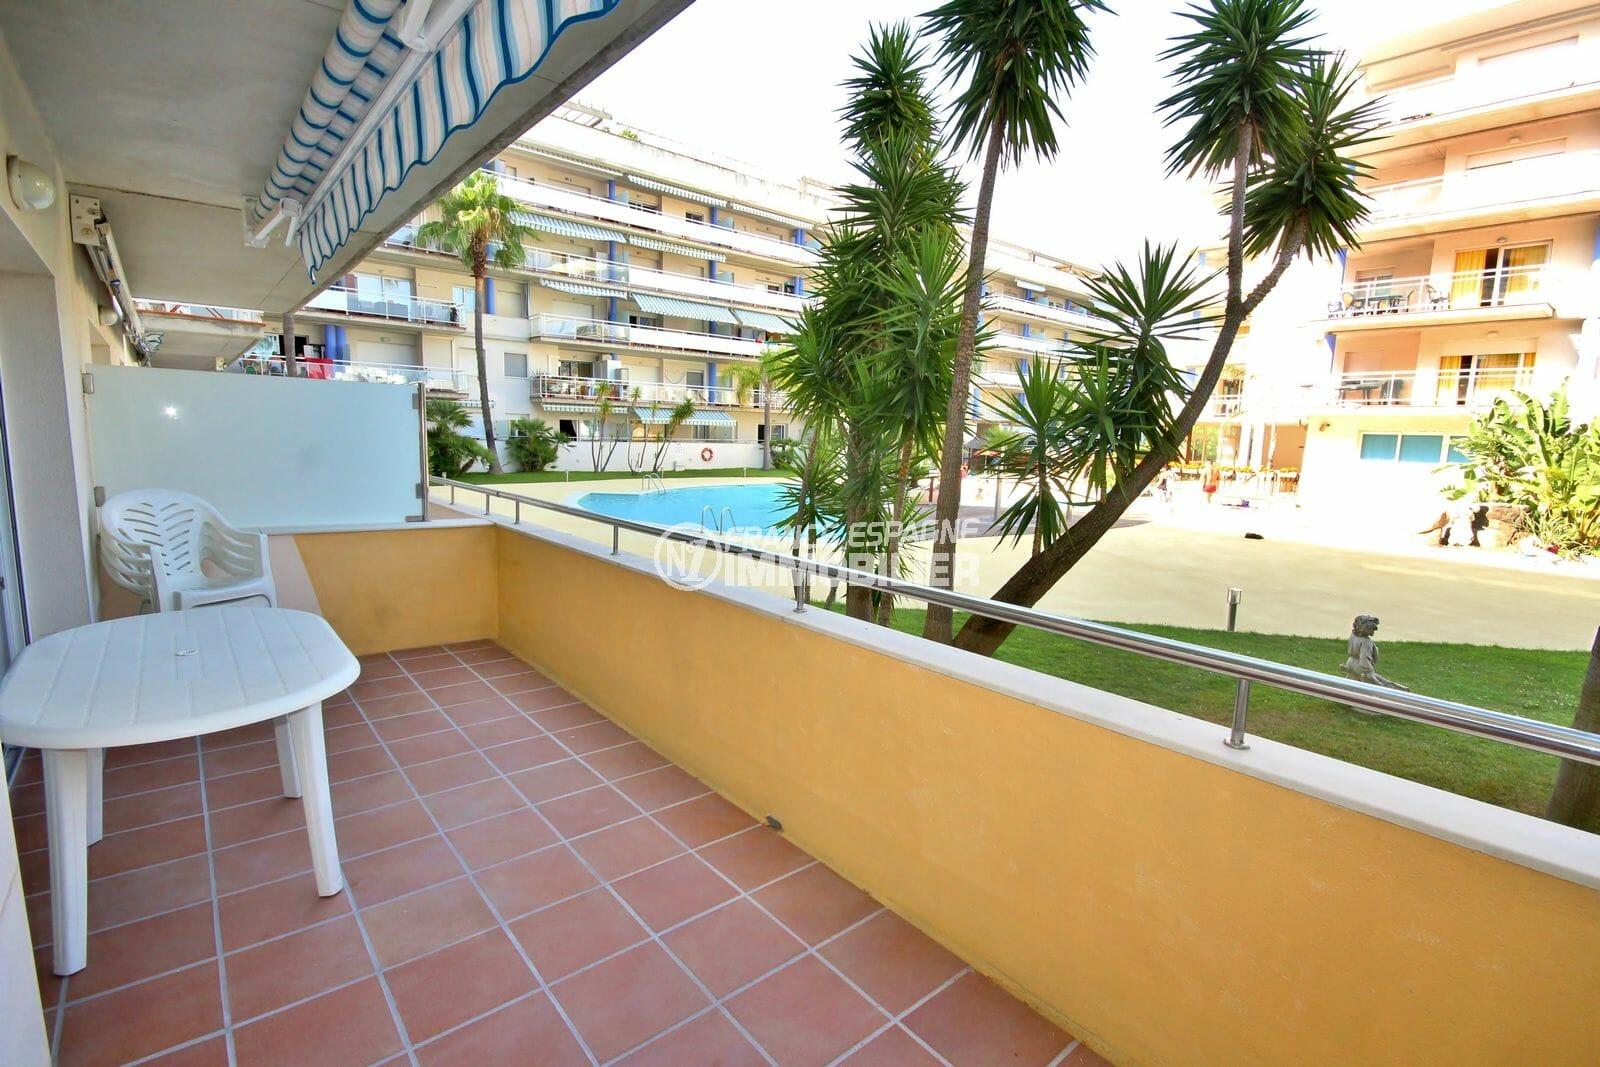 appartement a vendre rosas, résidence avec piscine, parking et cave, proche plage